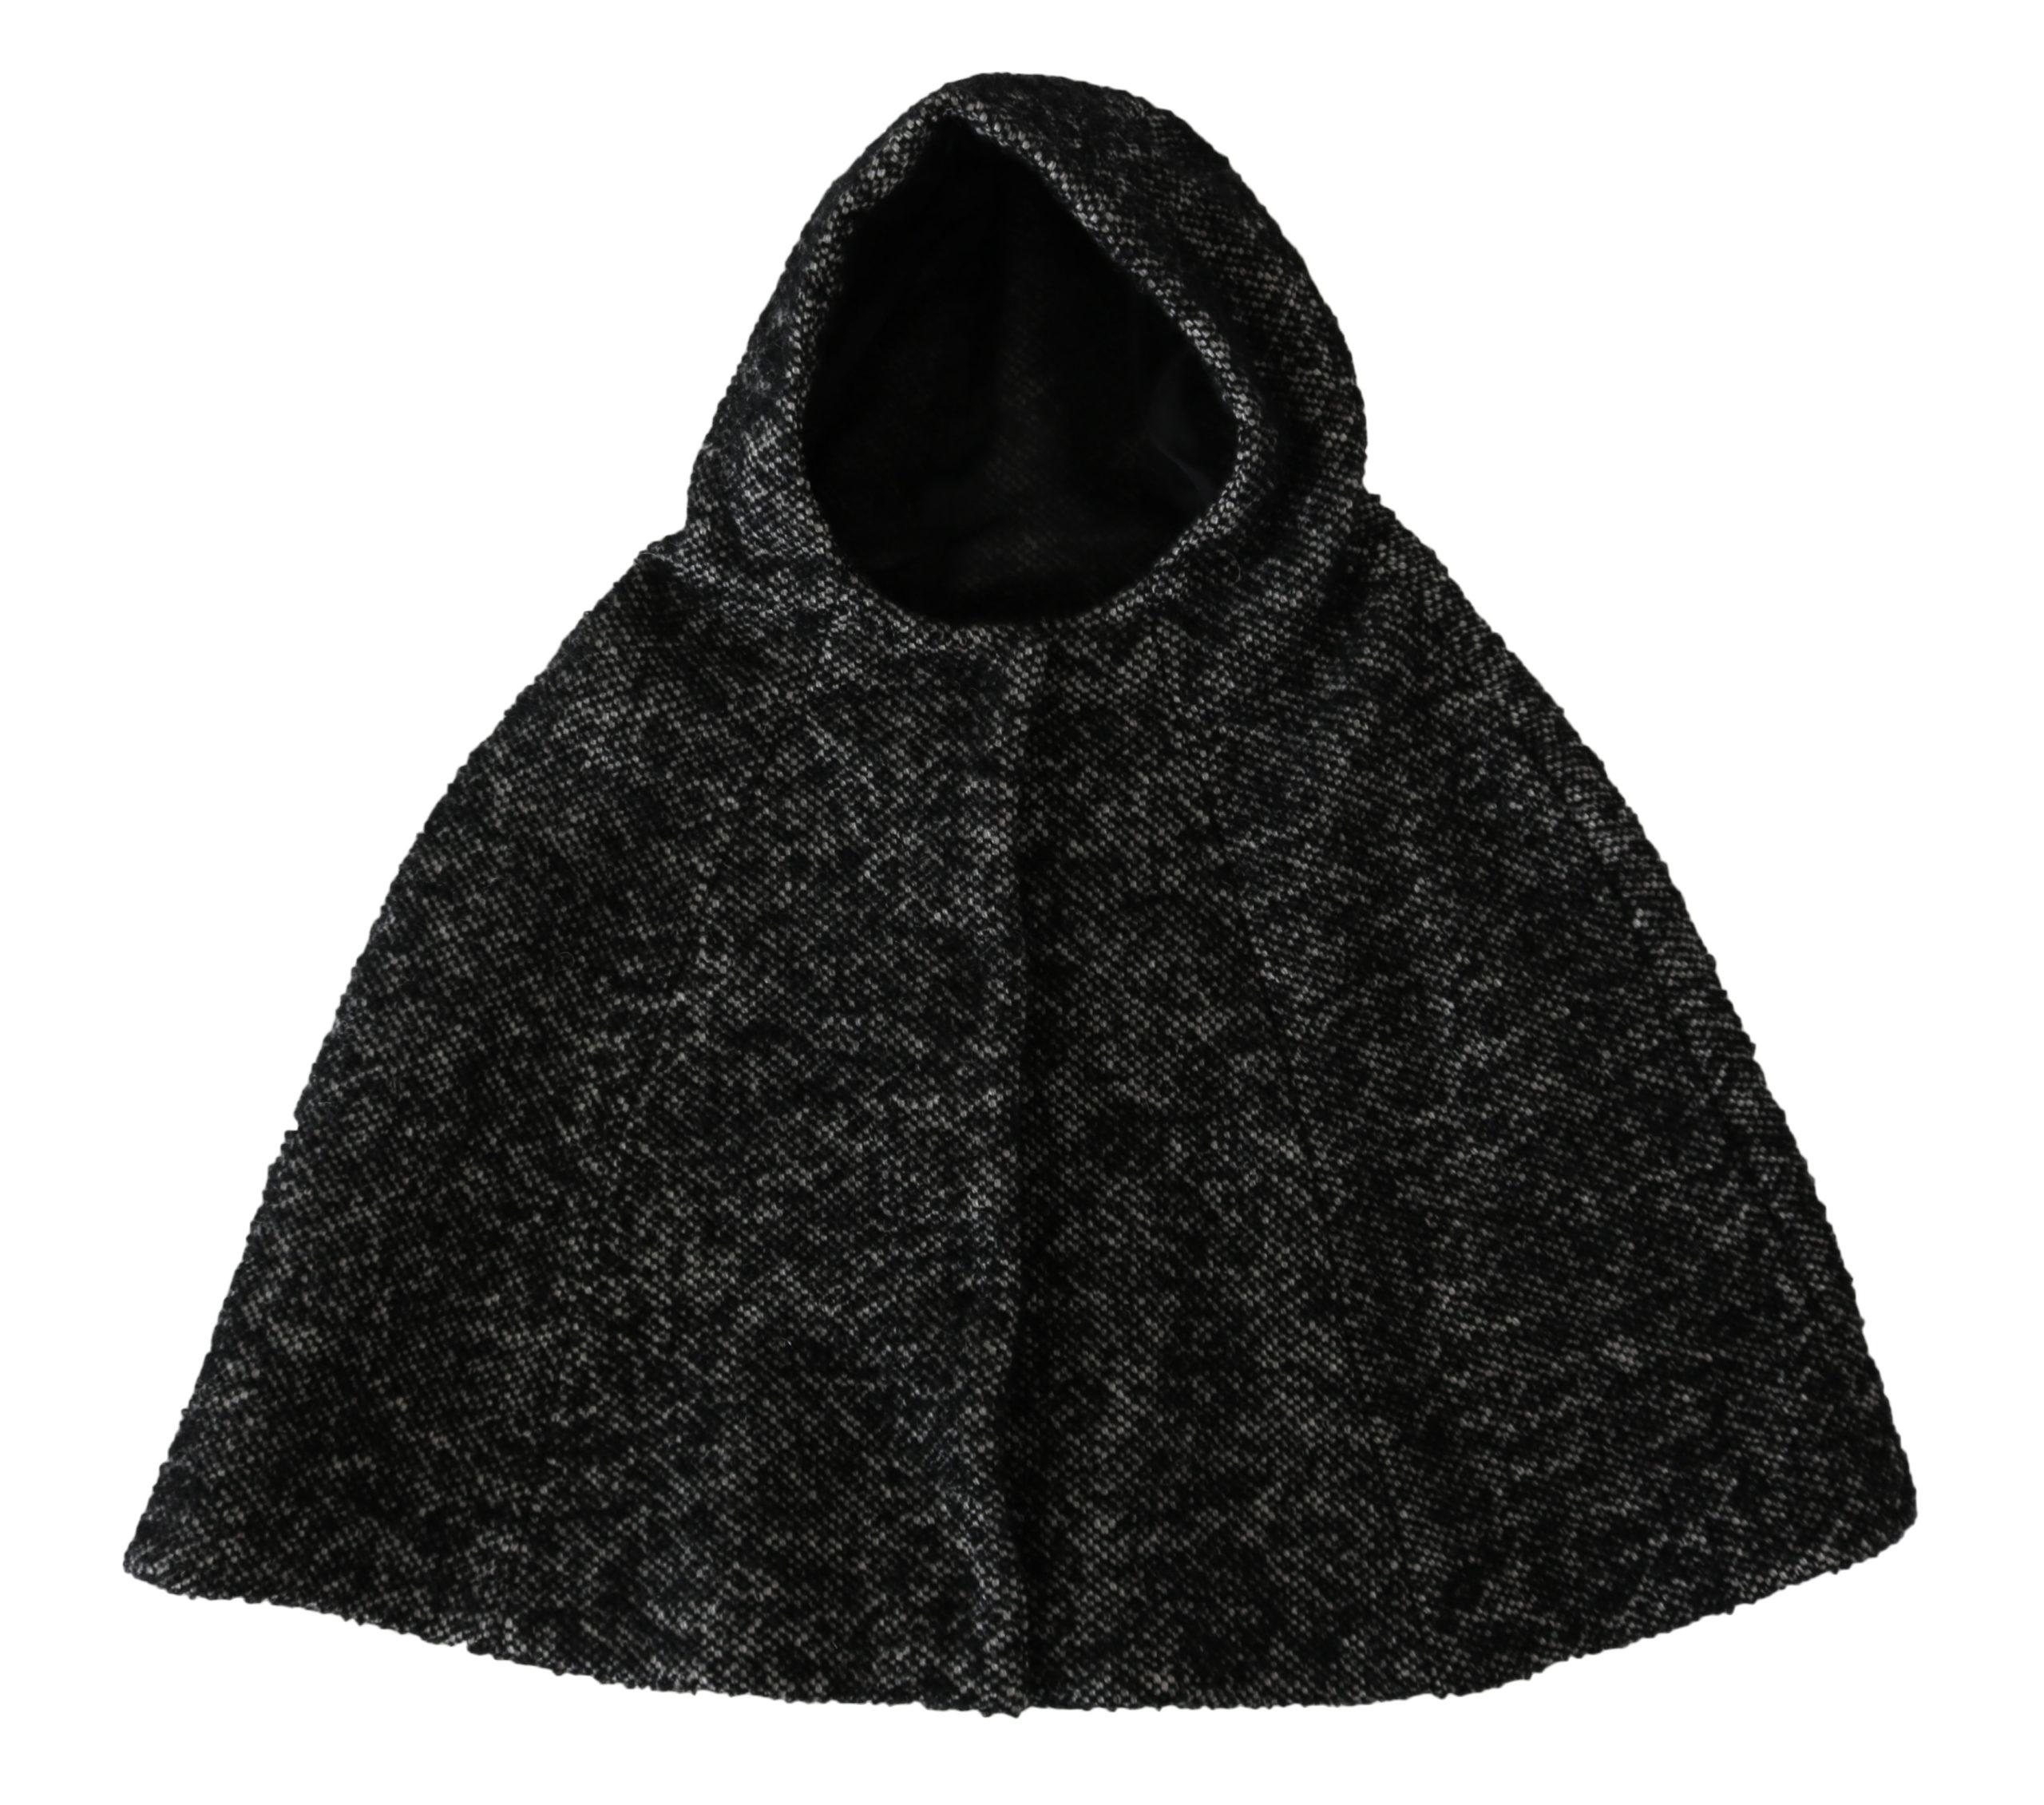 Dolce & Gabbana Women's Tweet Wool Shoulder Hooded Hat Gray TSH4233 - 57 cm S